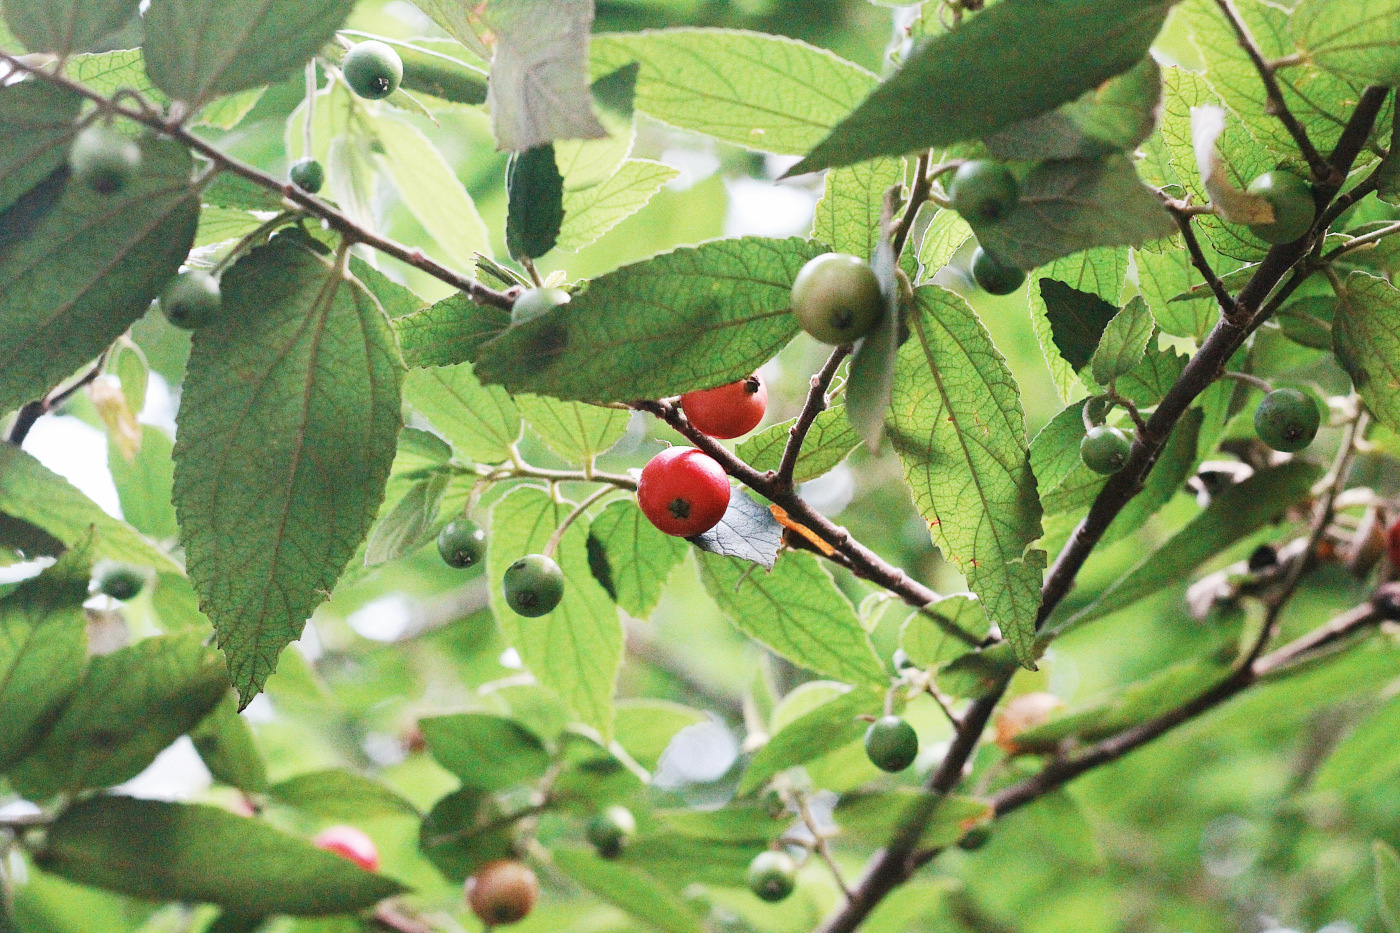 Không ngờ loại quả đường phố rụng đầy gốc cây lại là vị thuốc quý, được ví như nhân sâm - Ảnh 3.